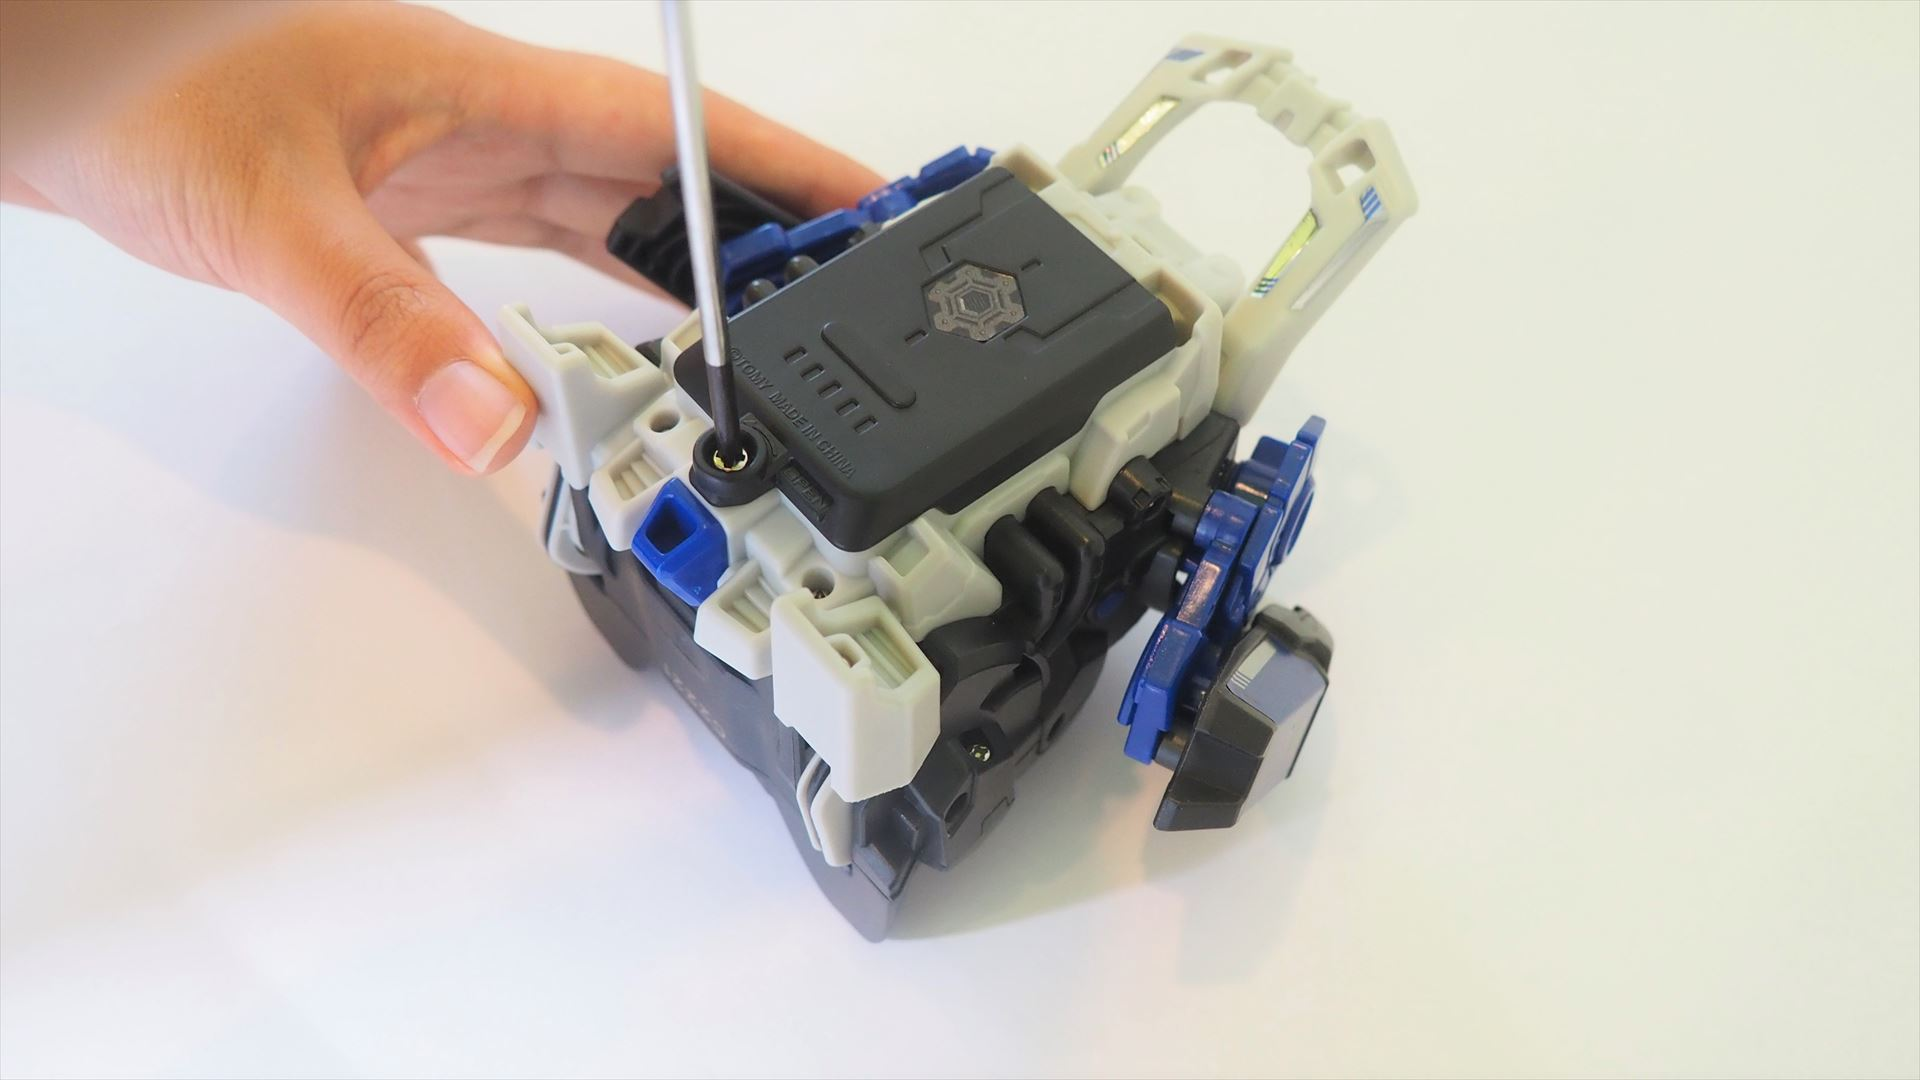 ドライバーを使って本体背面の電池ブタのネジを外す